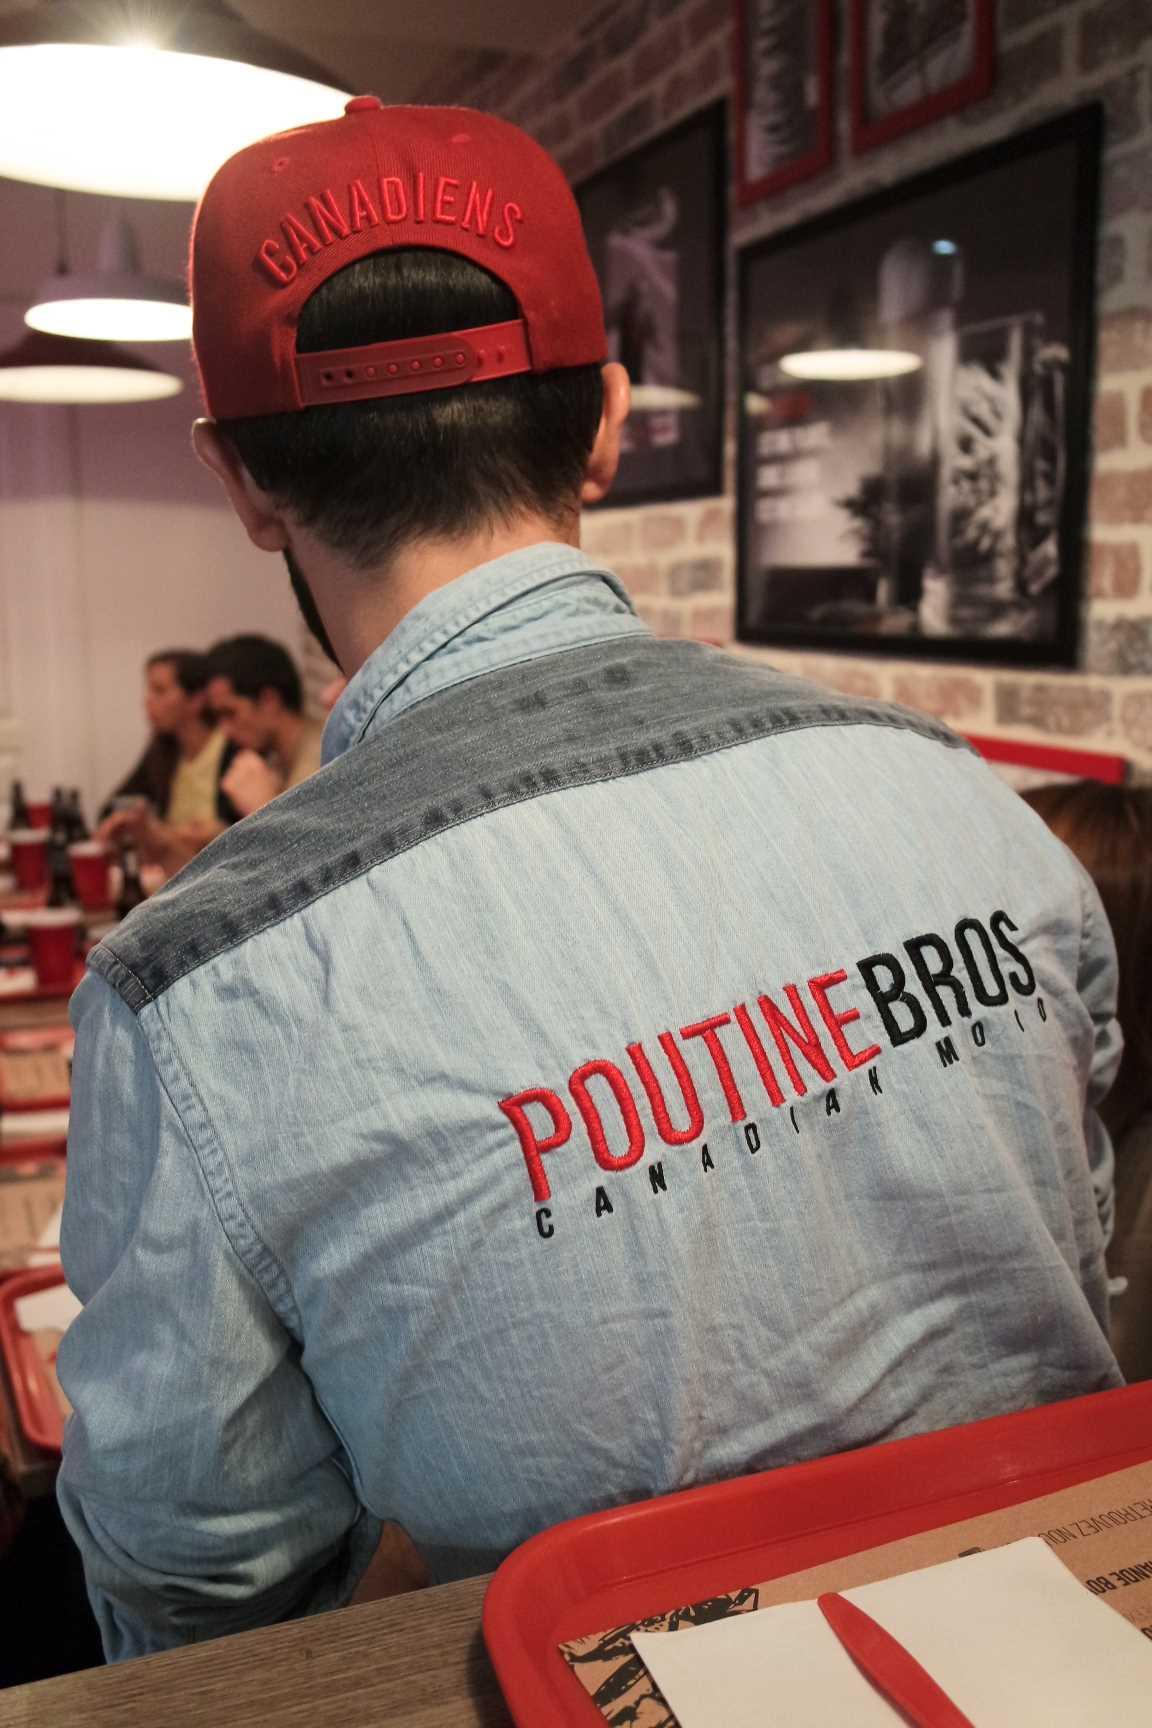 poutinebros restaurant rennes poutine (5)